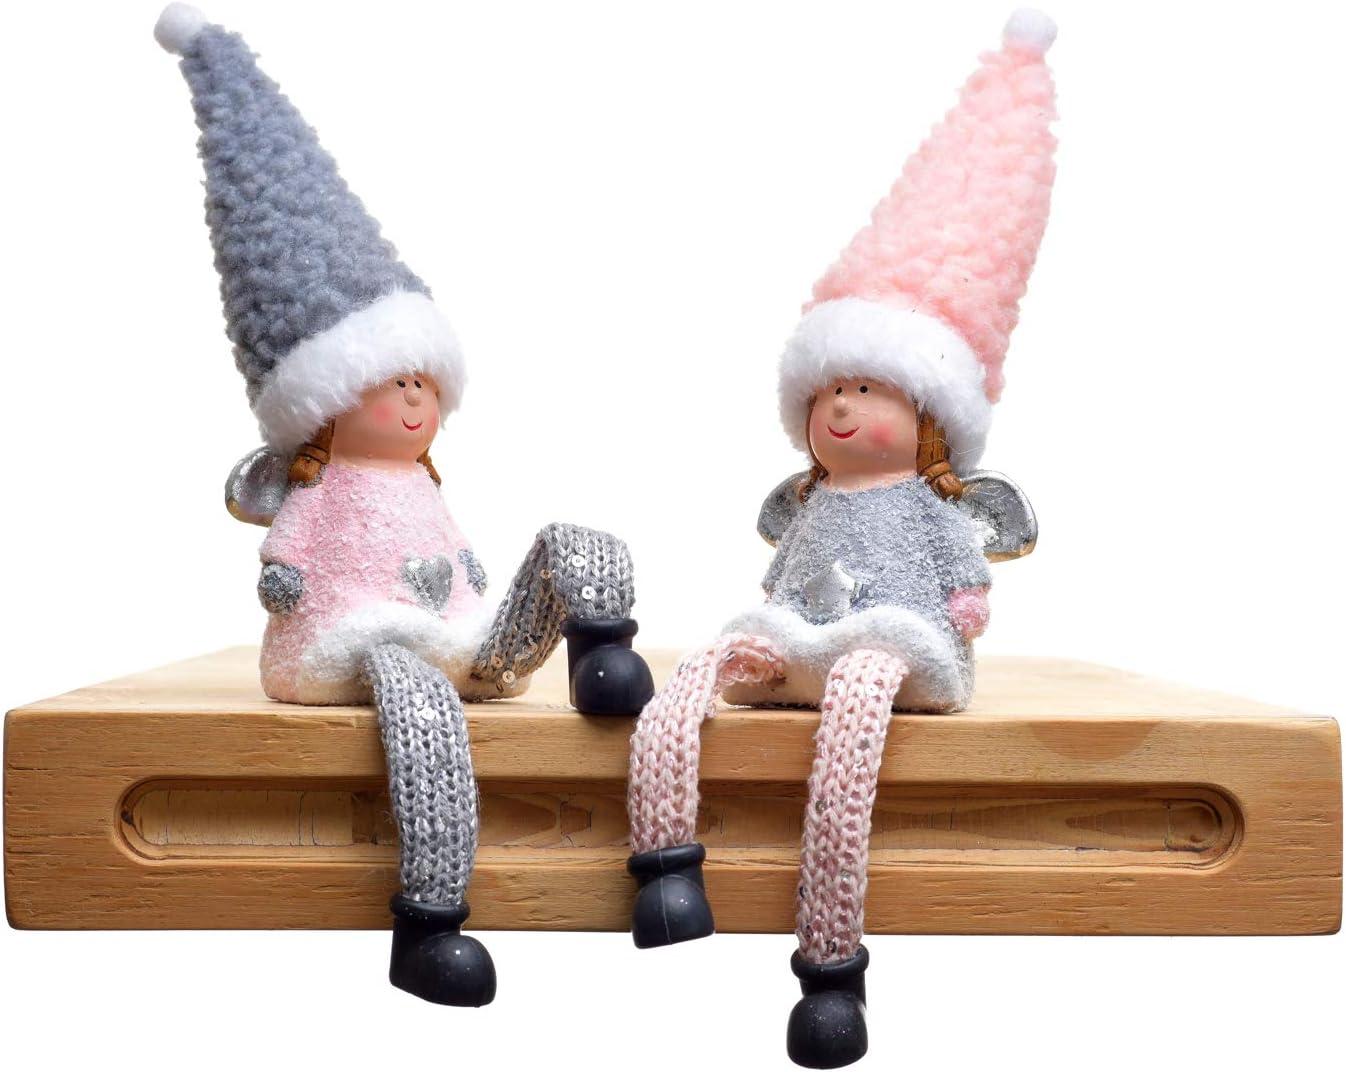 Weihnachtswald Alter Mann Kinder Familie Weihnachten Freunde 3 Modelle Weihnachten Deko Wichtel rot,grau,Rosa Saingace TM grau